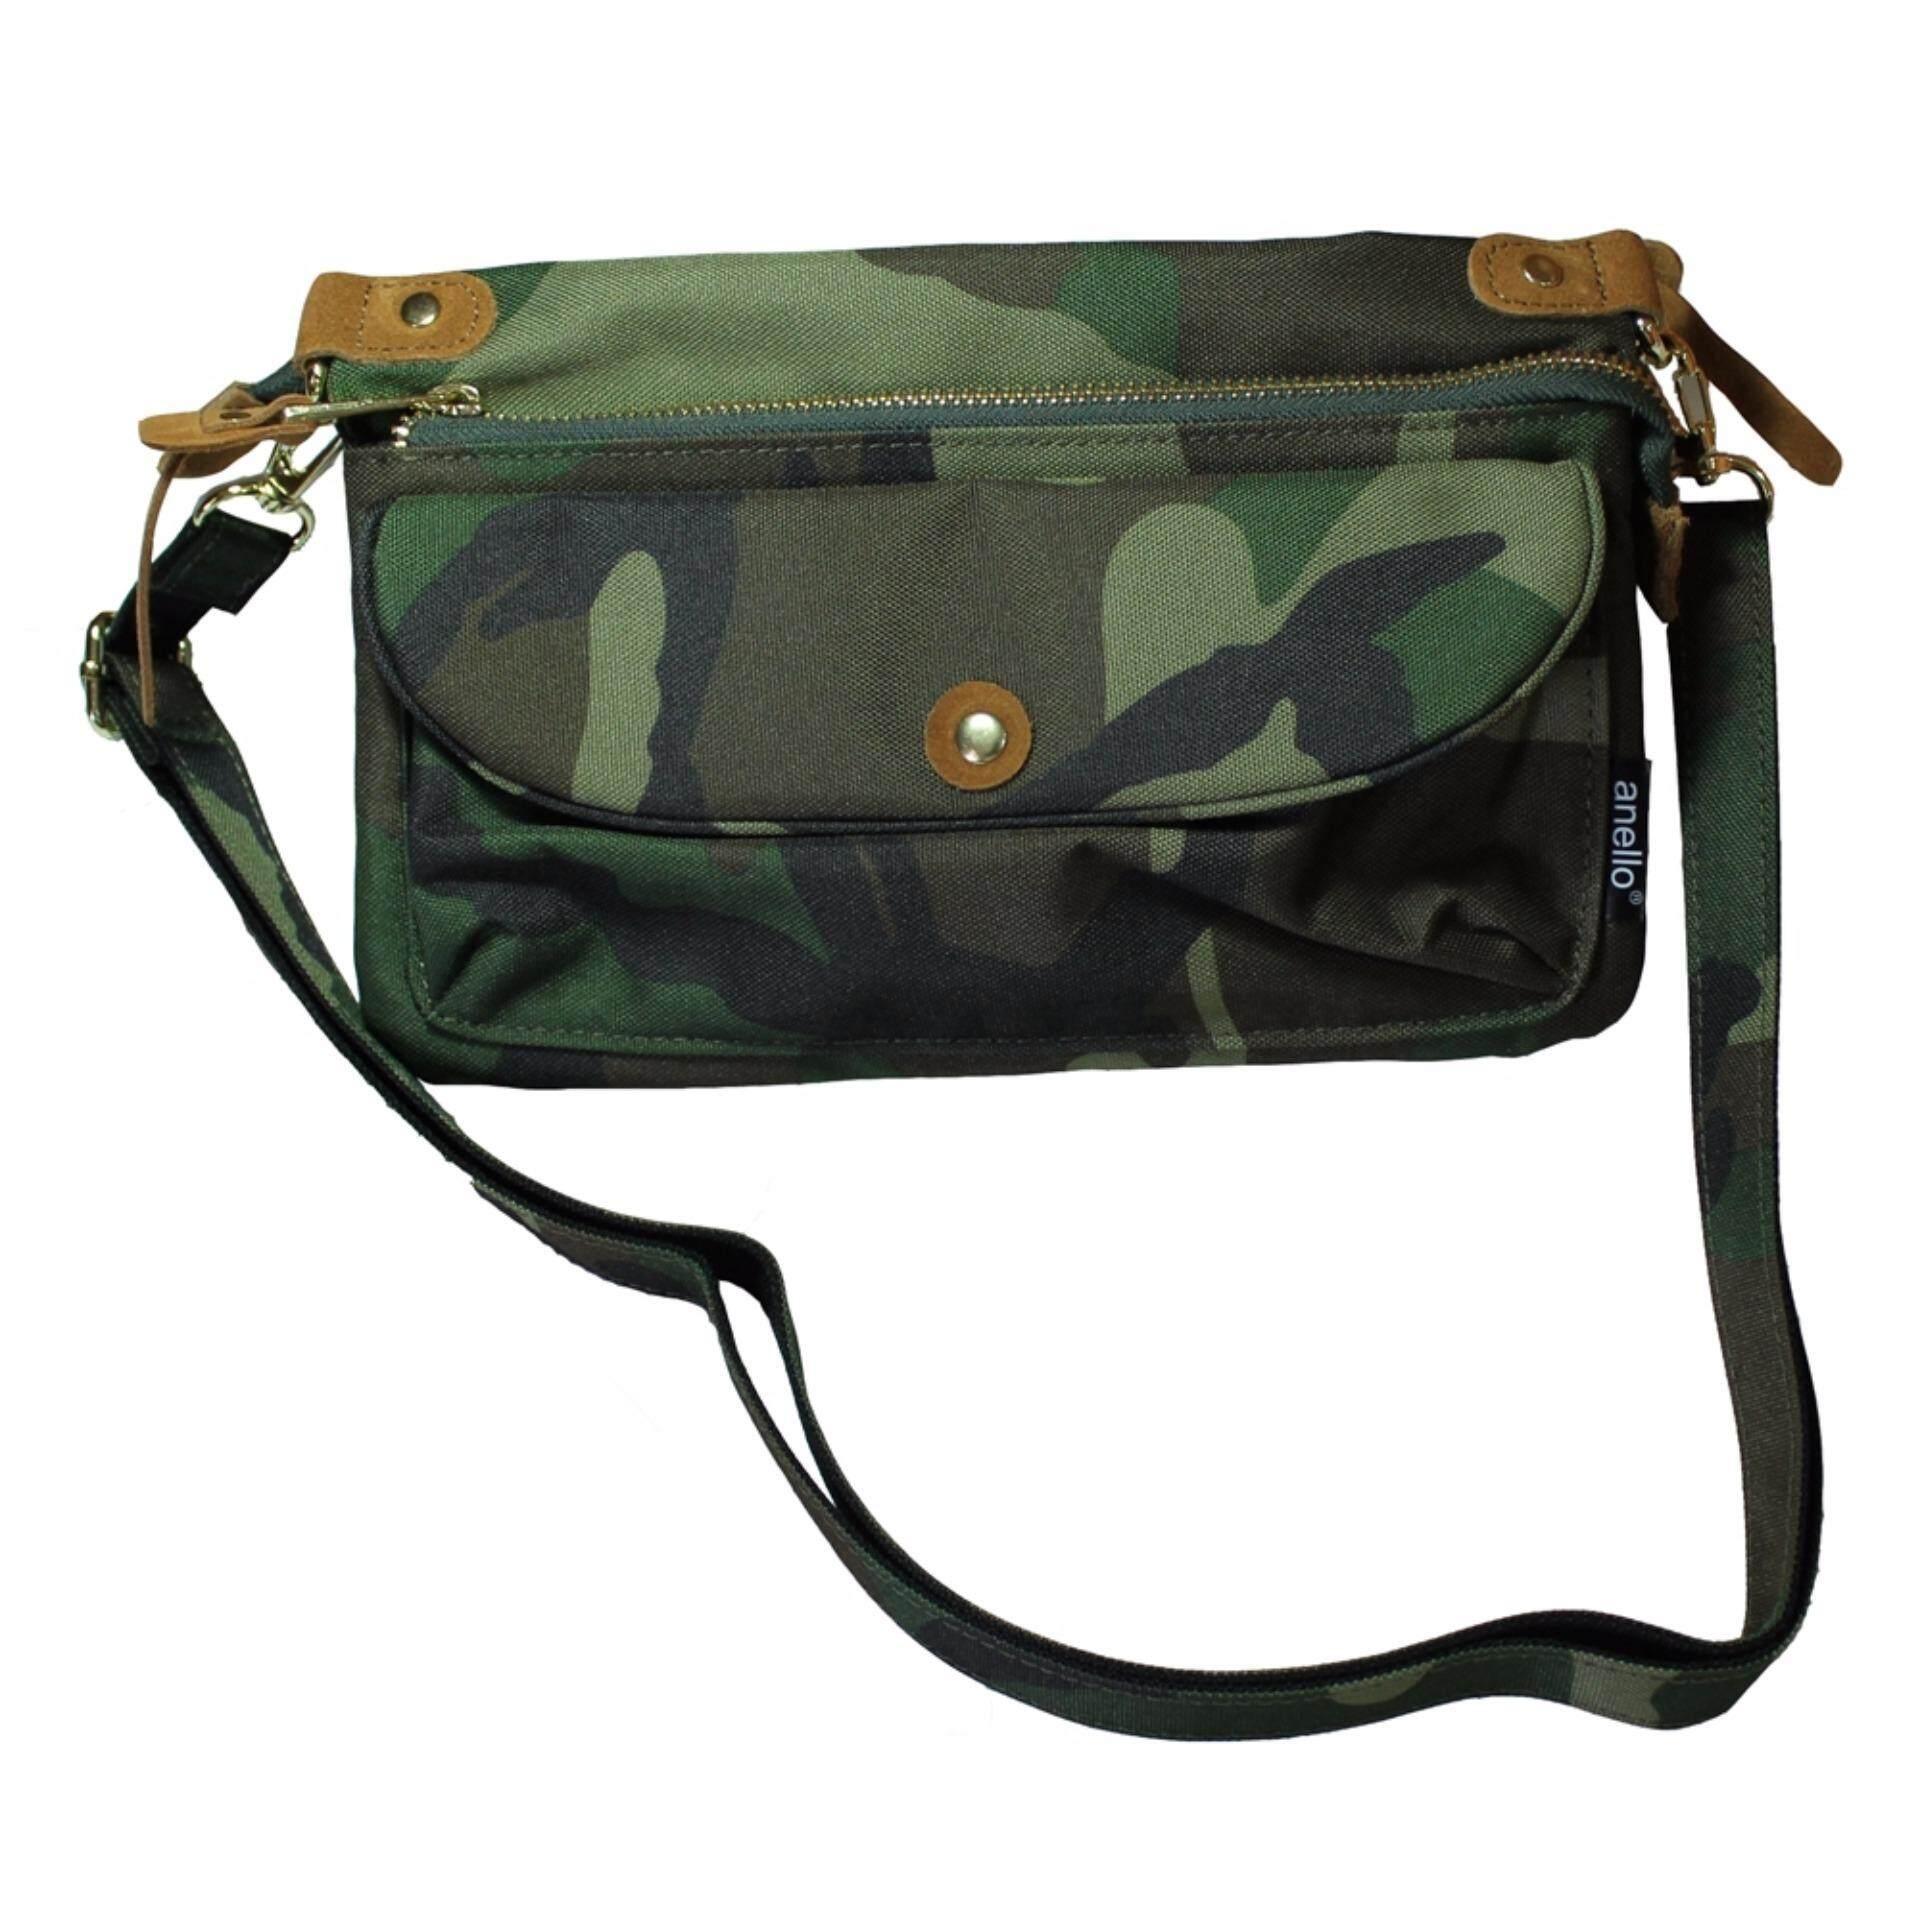 การใช้งาน  ชัยภูมิ Anello กระเป๋าสะพายข้างขนาดเล็ก (Camo)